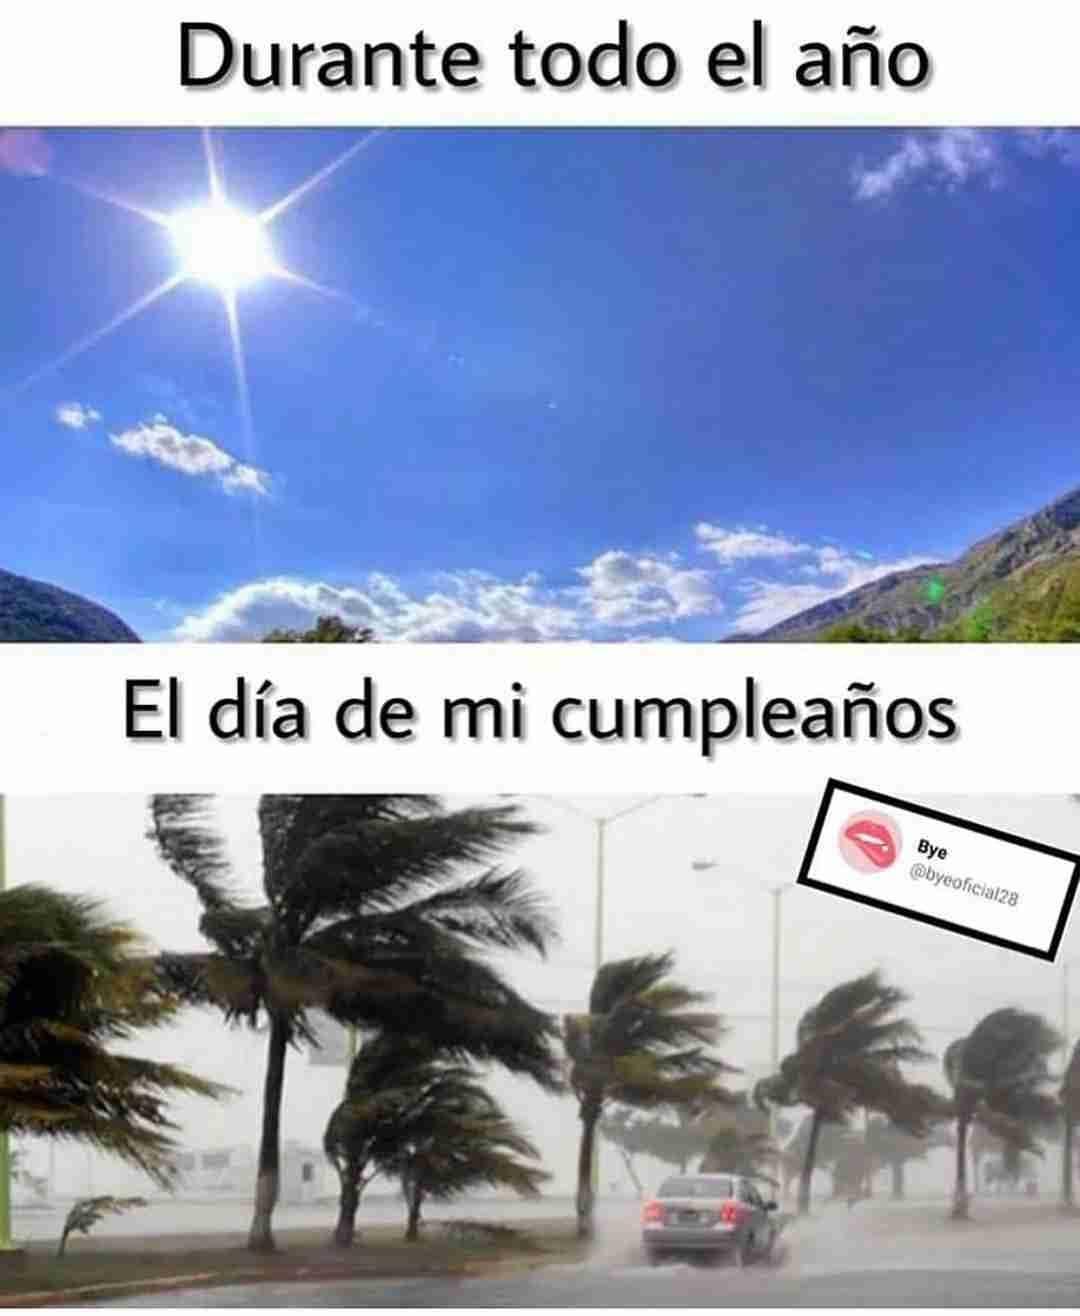 Durante todo el año. El día de mi cumpleaños.